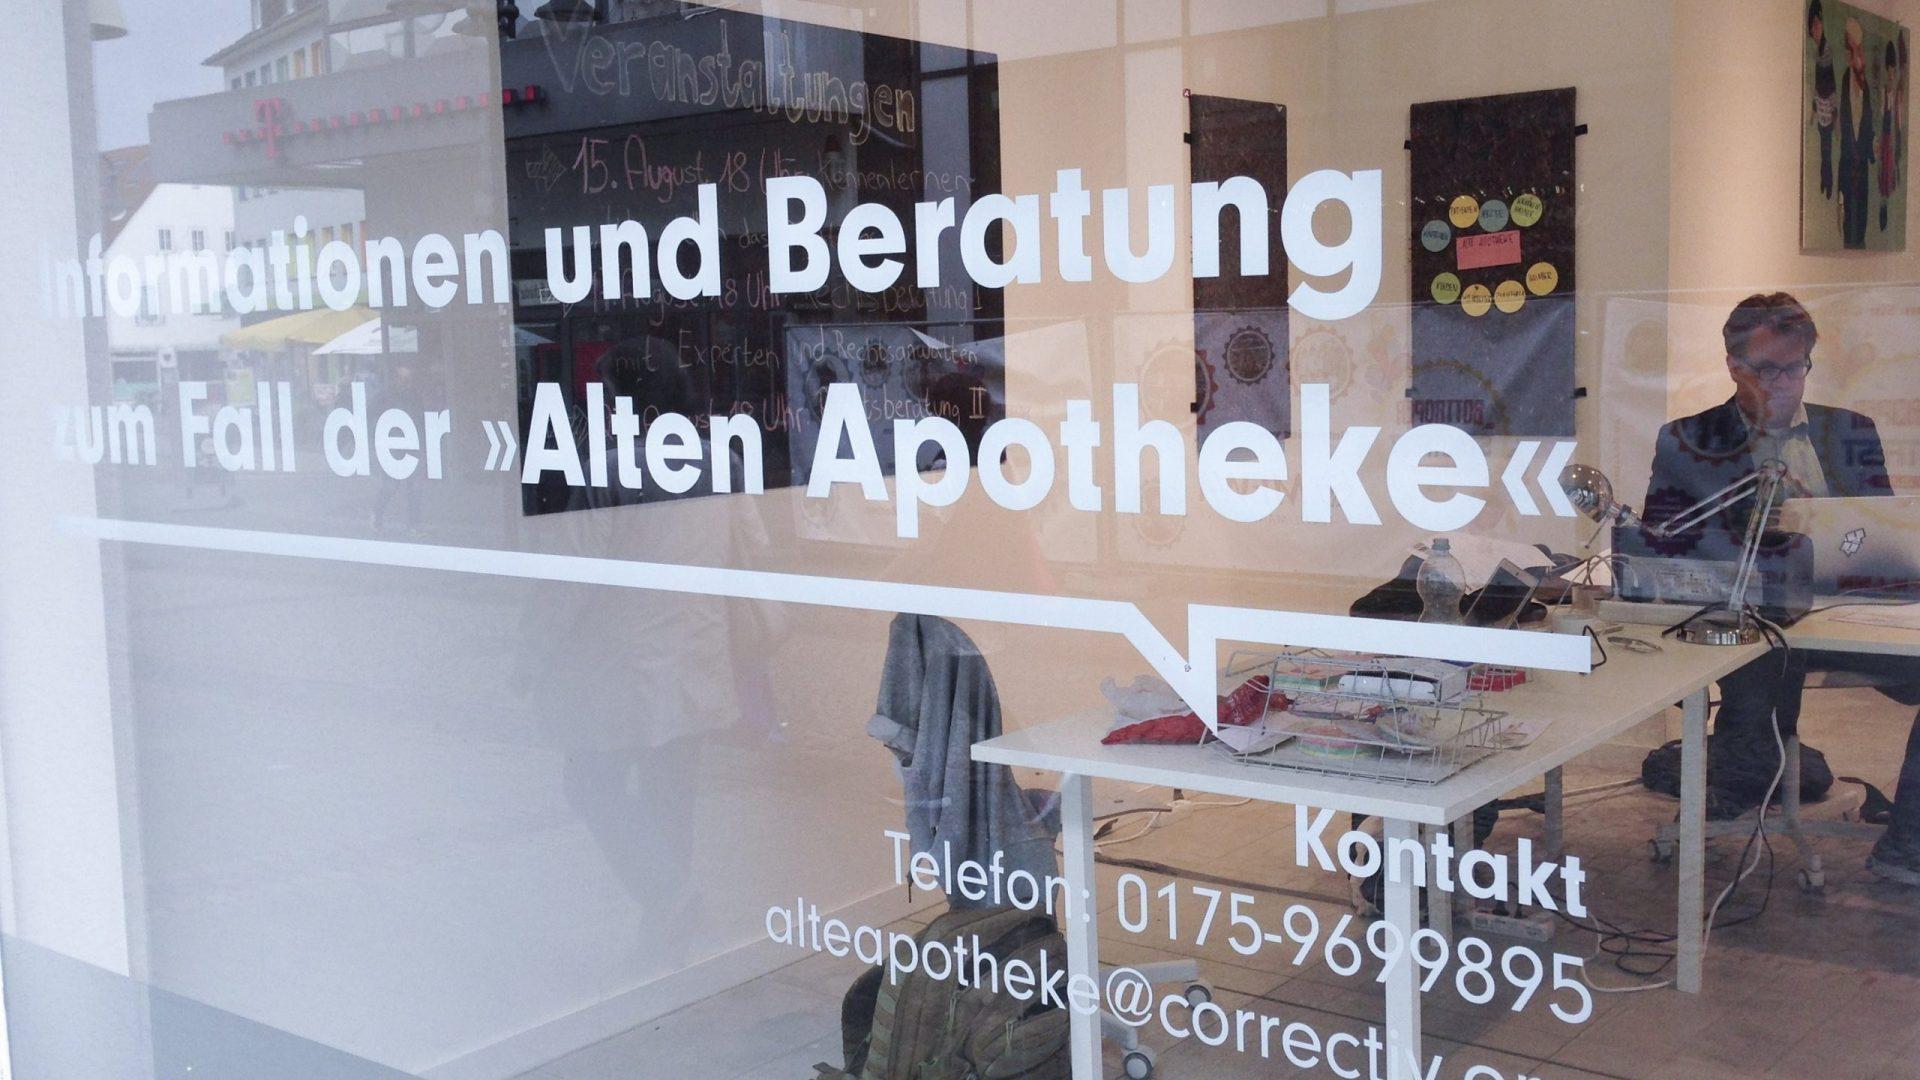 Dem Leser wieder nah sein: Redakteur Marcus Bensmann arbeitet in der Mobilen Lokalredaktion in Bottrop.© Correctiv.Ruhr